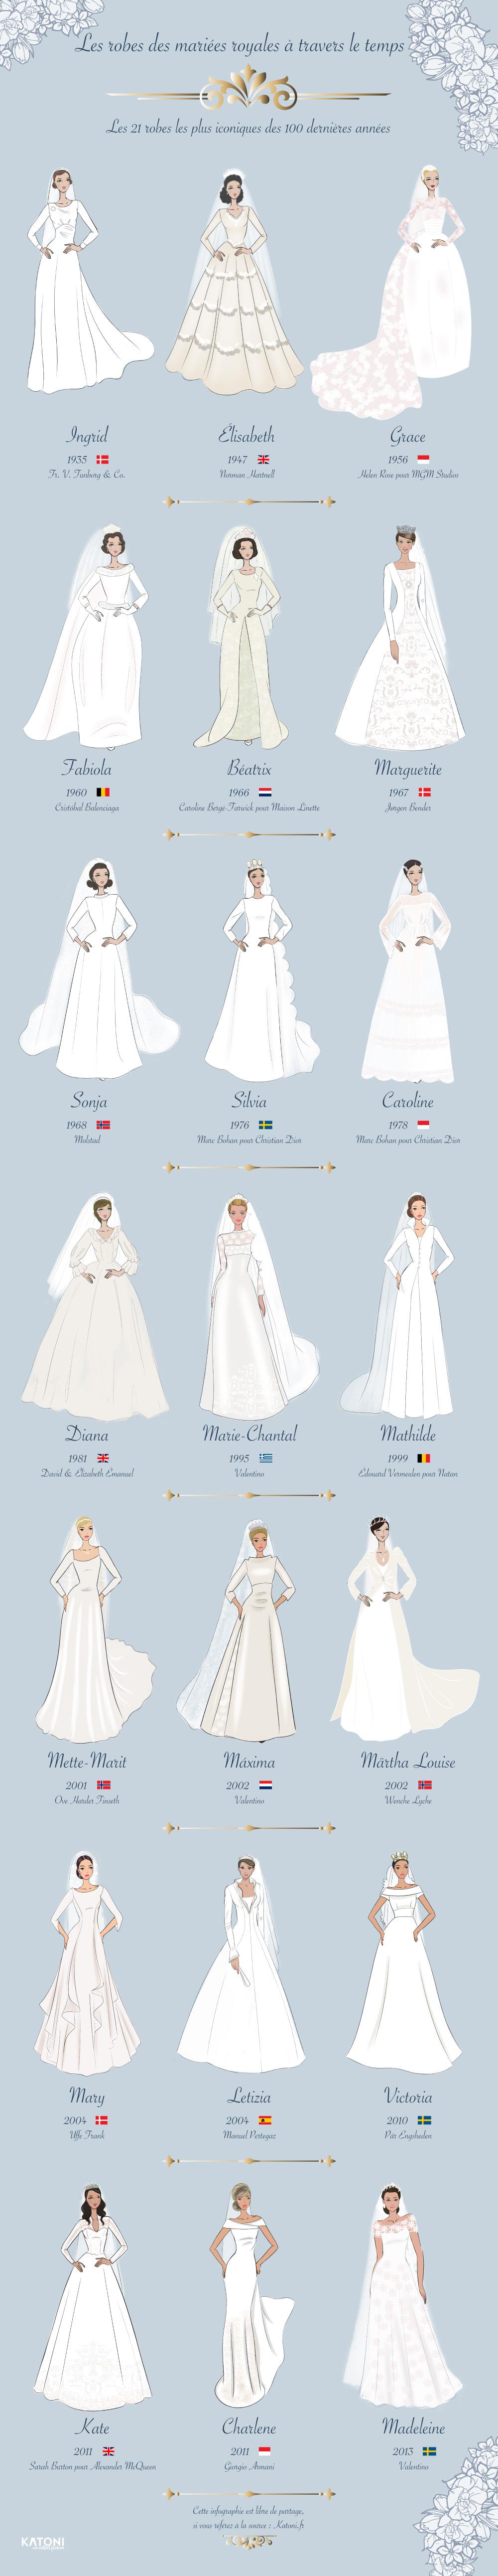 Robe de mariée gotha